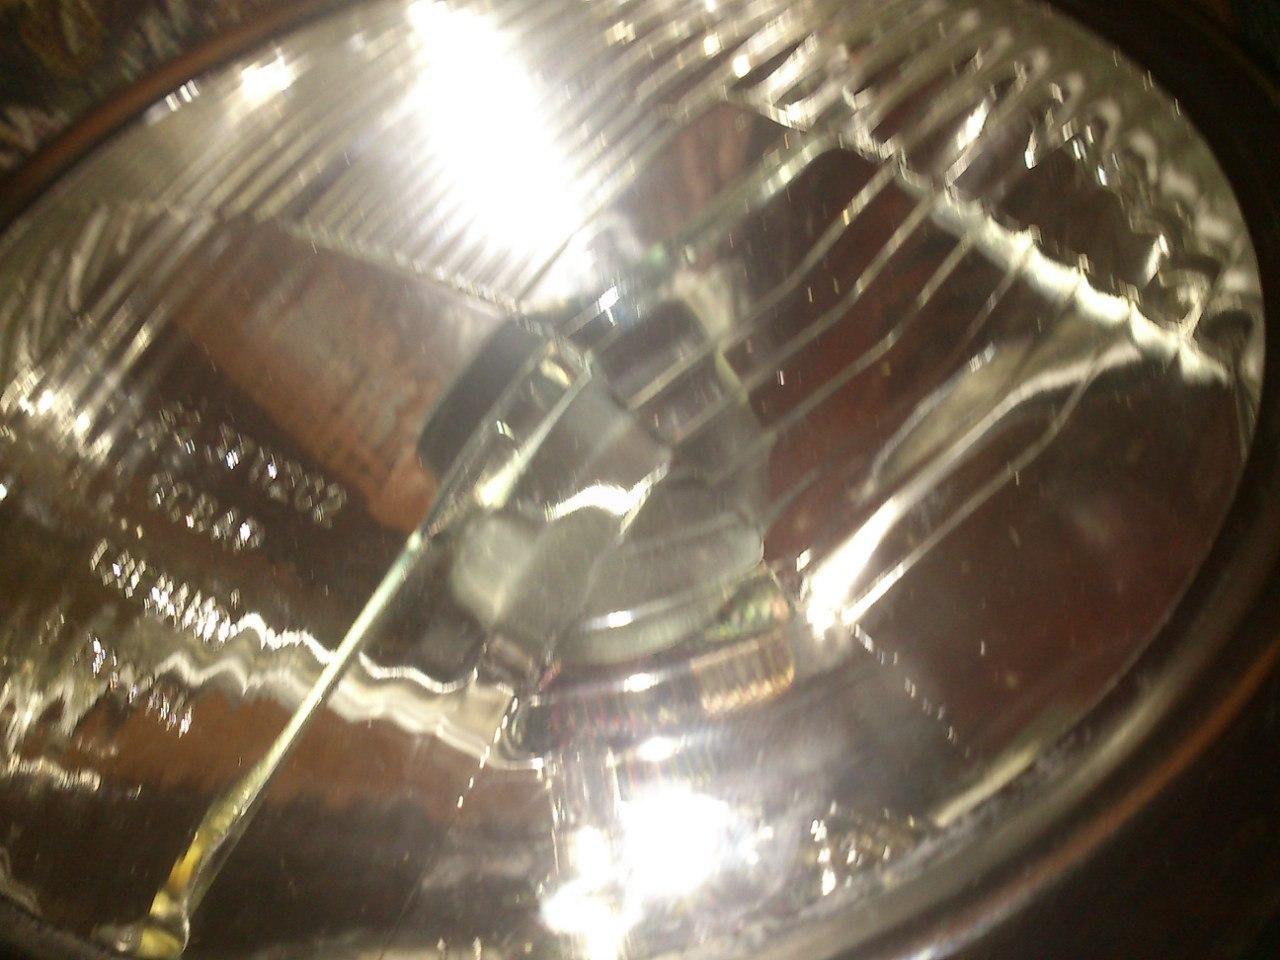 Головной свет и световые приборы - Страница 6 Z_5f765b8c